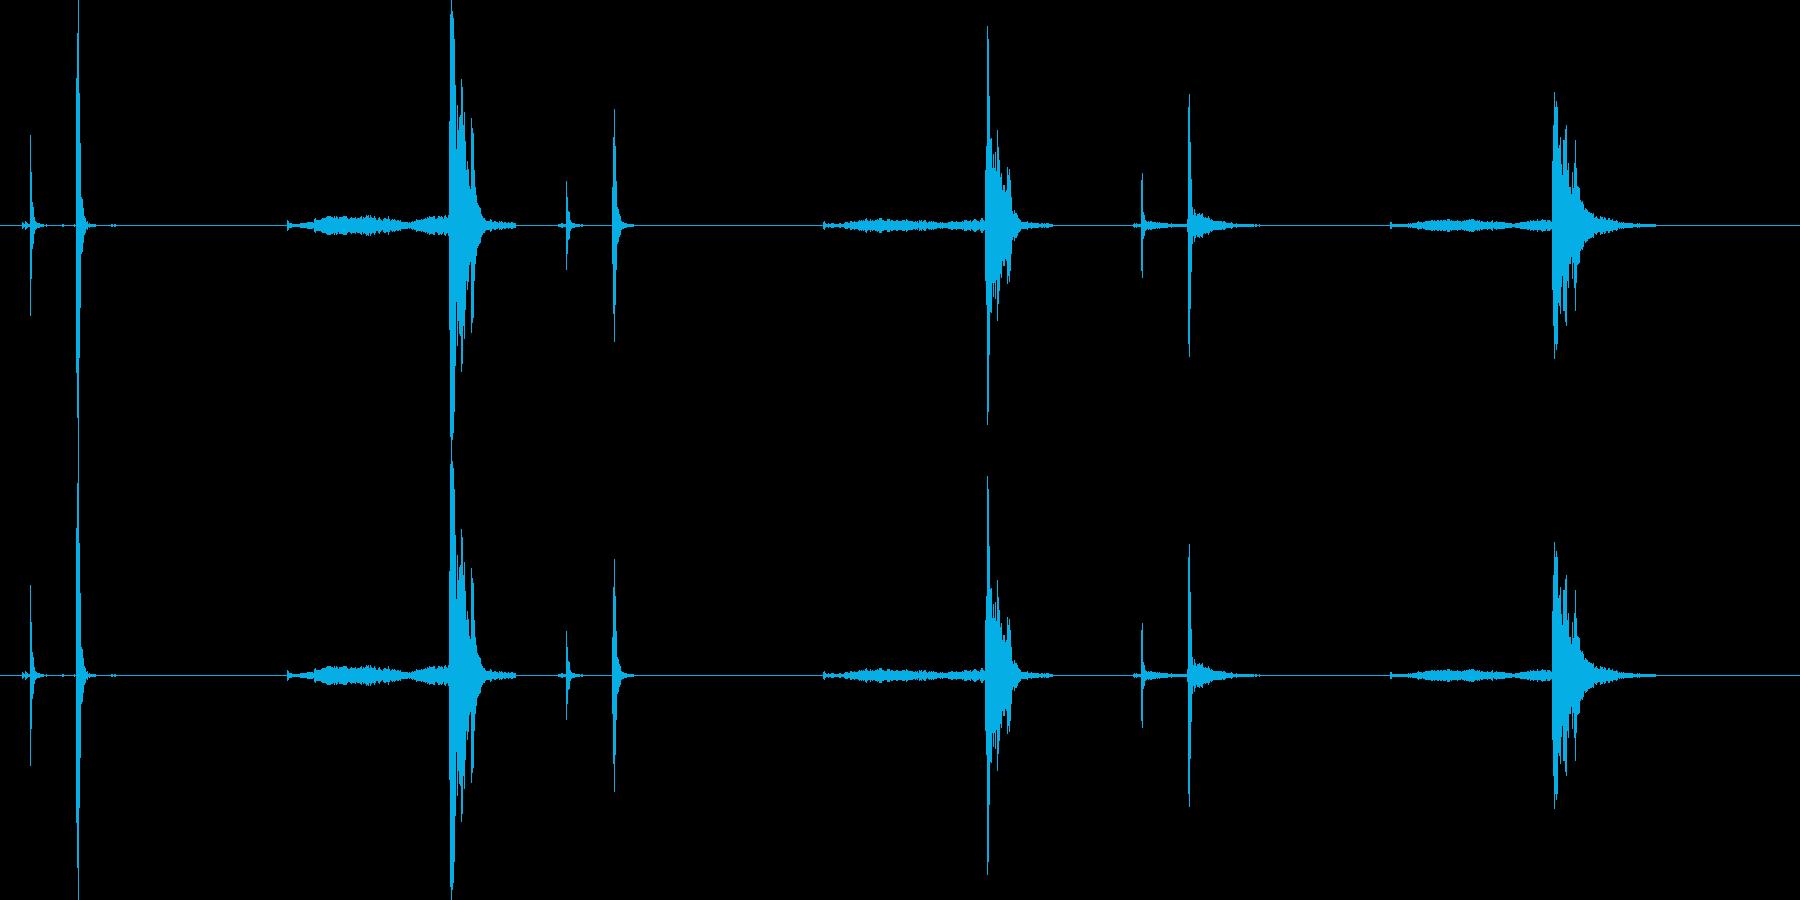 クリンクス-スプリング付き-3部屋の再生済みの波形